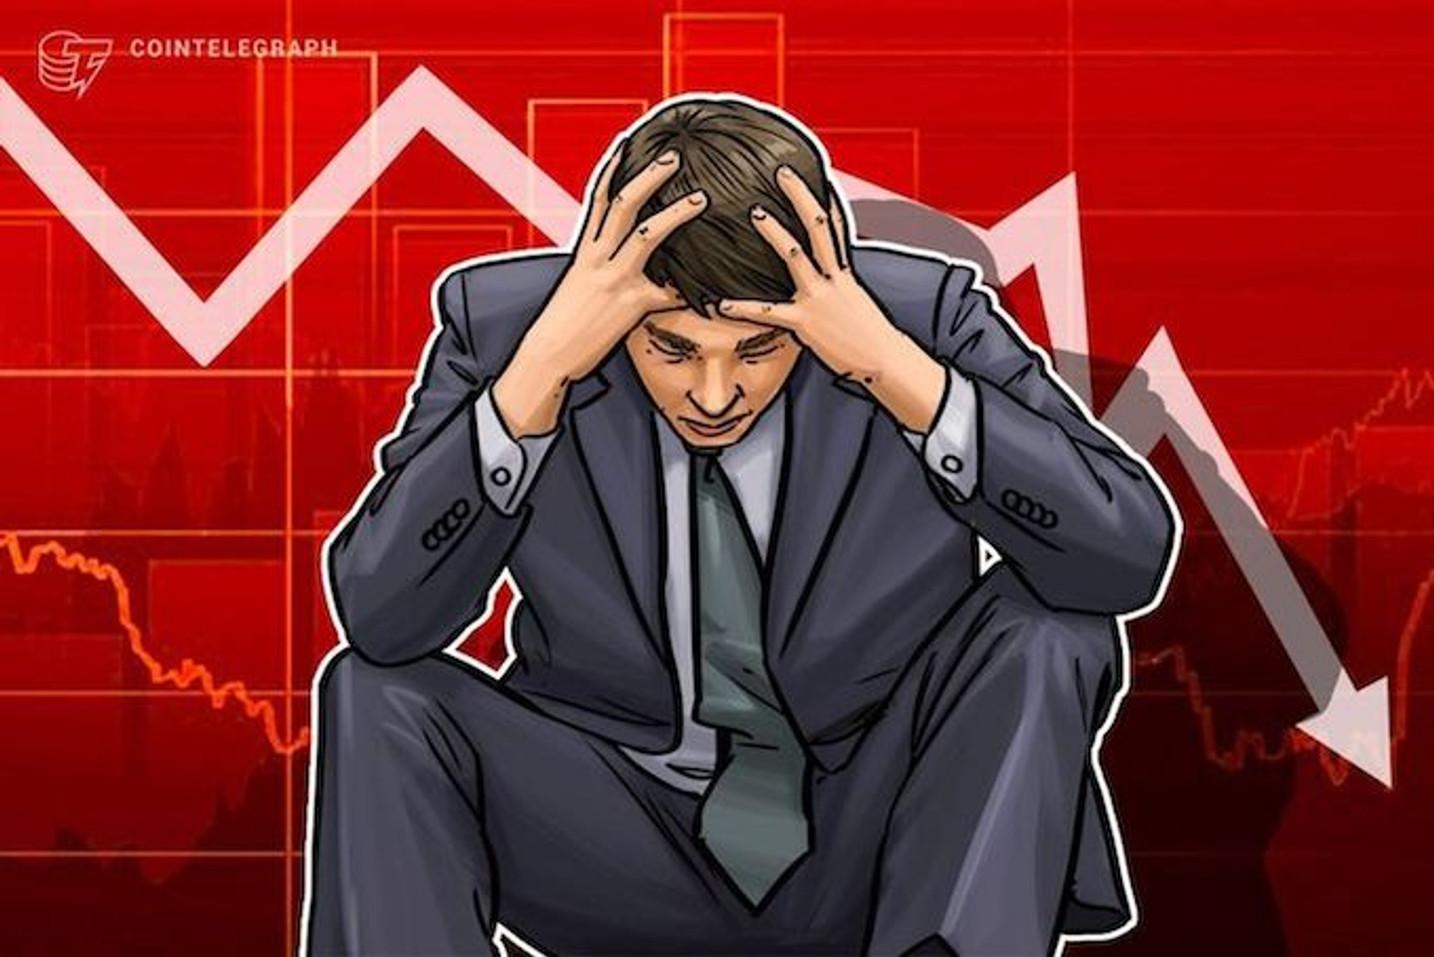 テザーショック再び、仮想通貨全面安の展開。リップル(XRP)は期待から下落幅浅い|仮想通貨相場市況(4月26日)